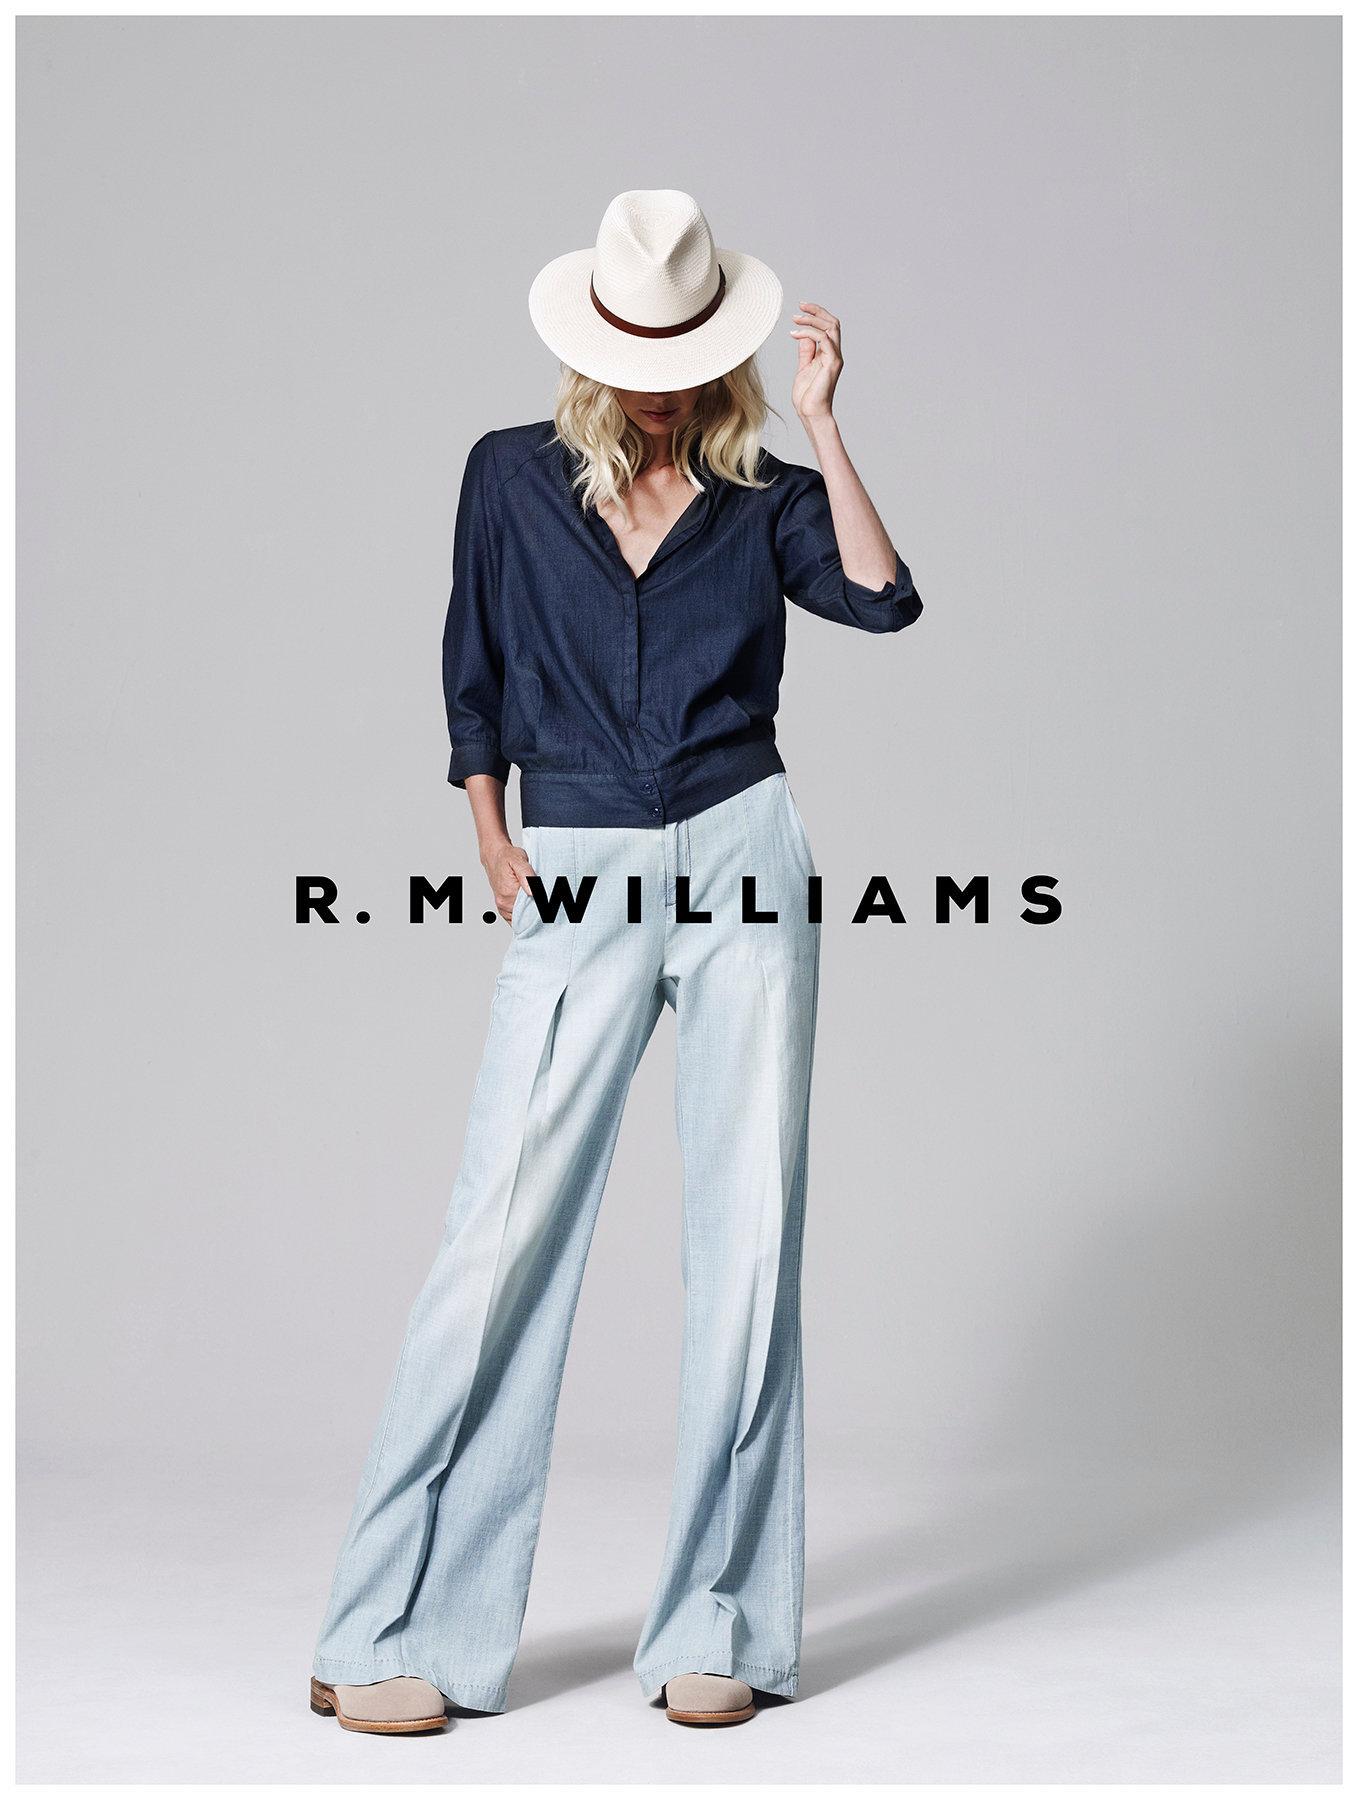 R.M. Williams 2015